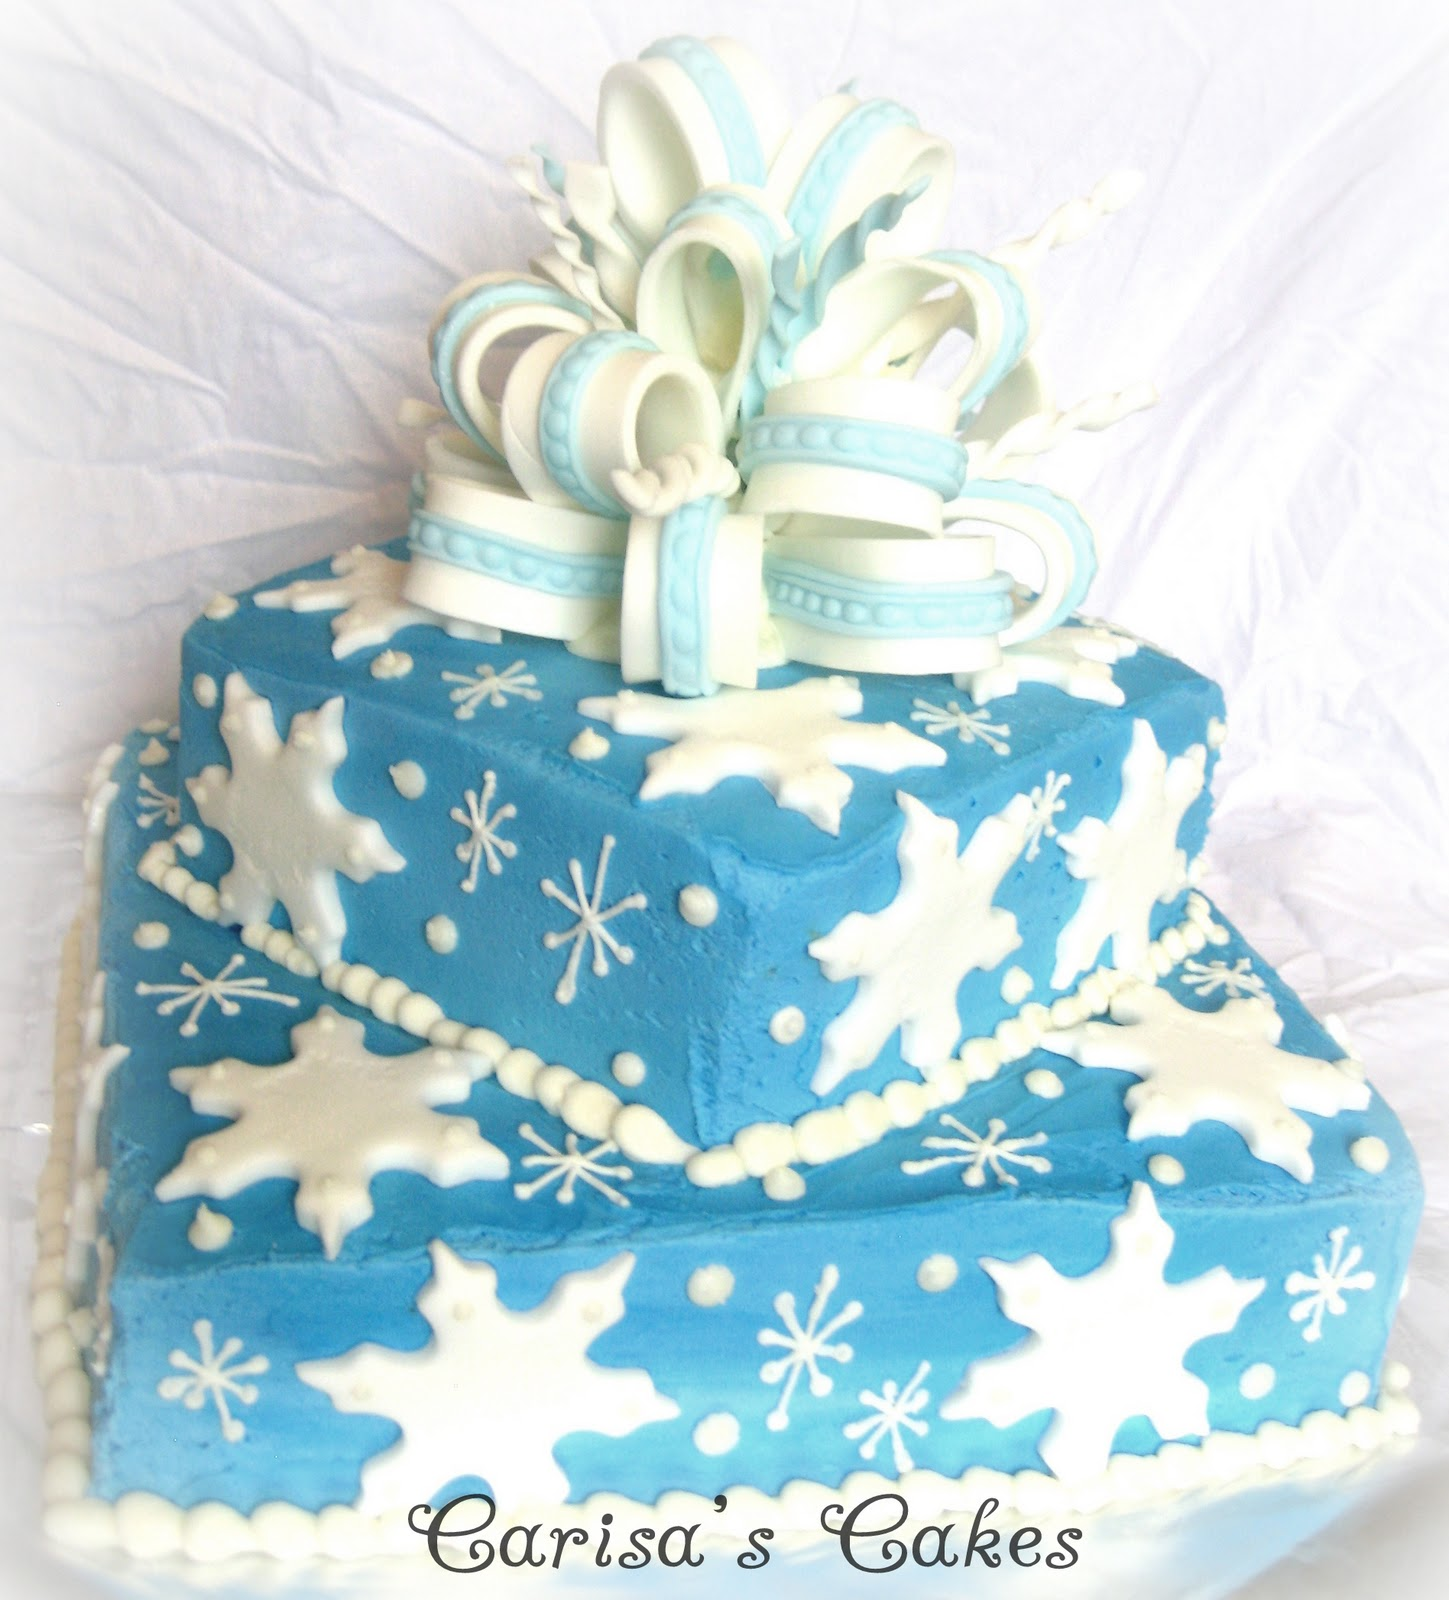 Carisas Cakes A Winter Birthday Cake